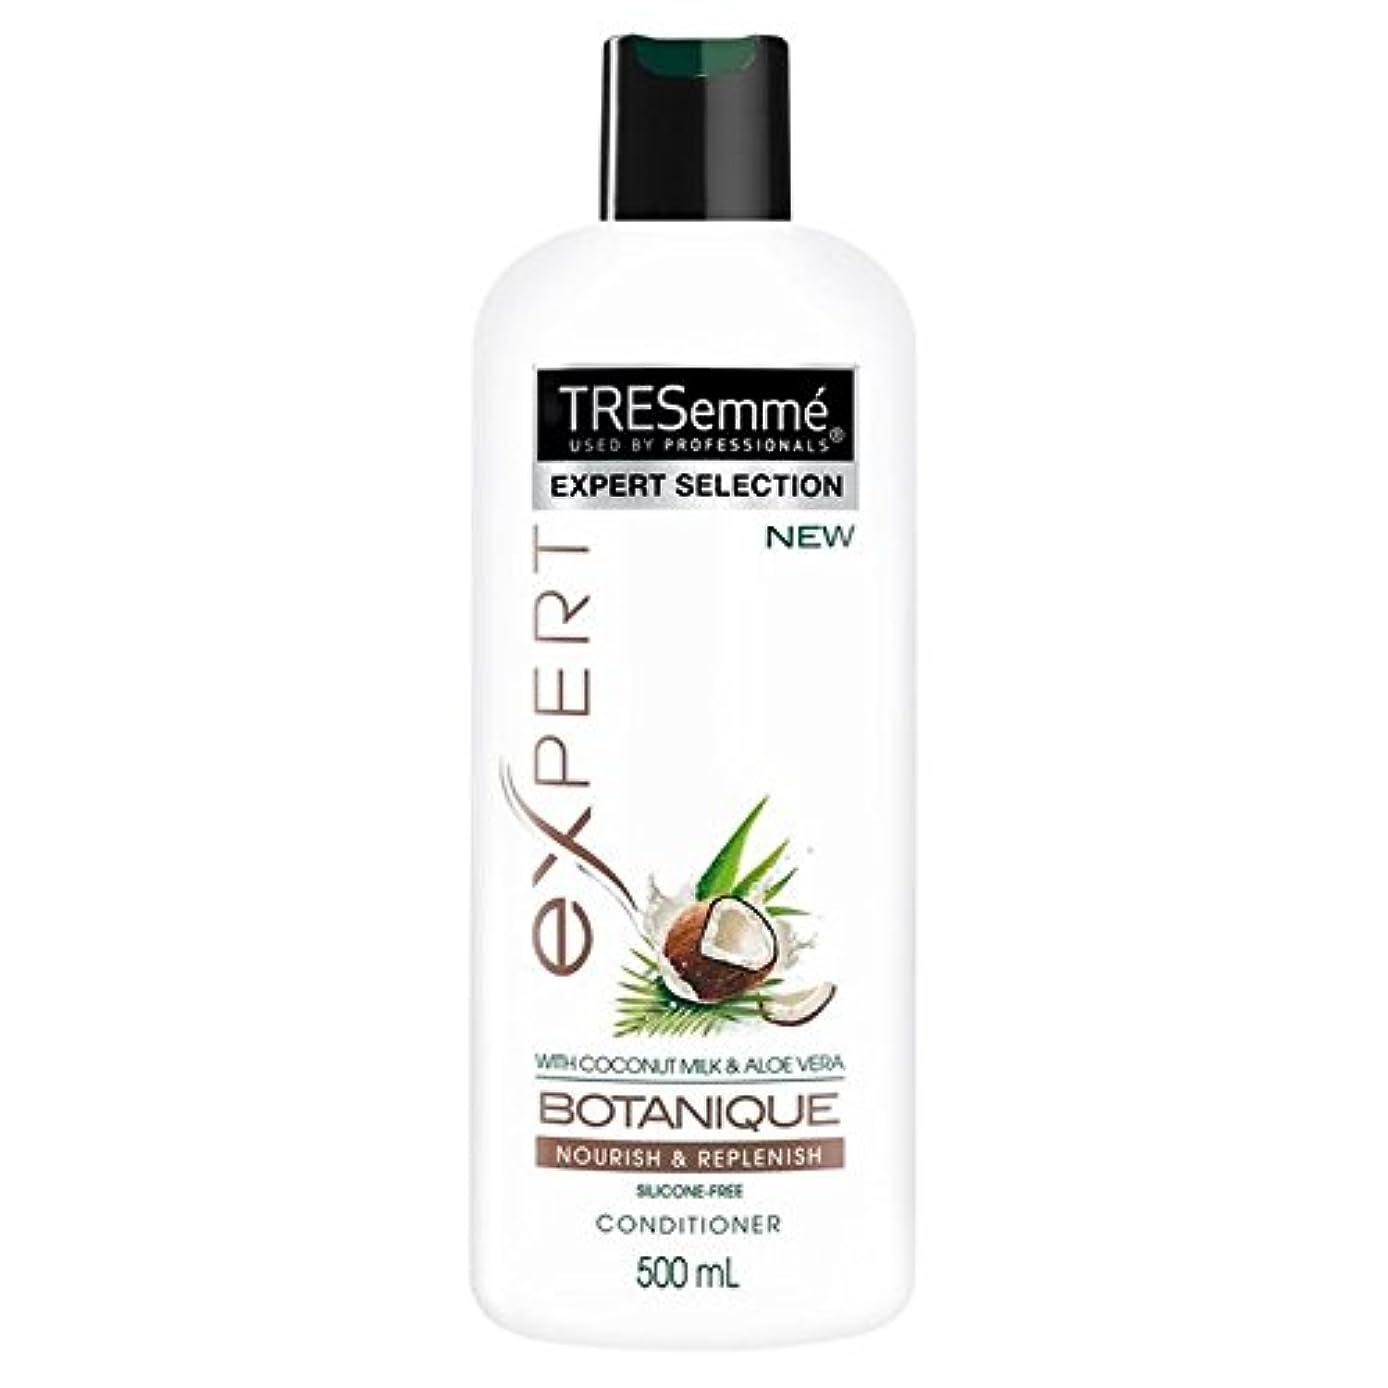 着替える化学薬品ブラウザTRESemme Botanique Nourish & Replenish Conditioner 500ml (Pack of 6) - のボタニックを養う&コンディショナー500ミリリットルを補充します x6 [並行輸入品]